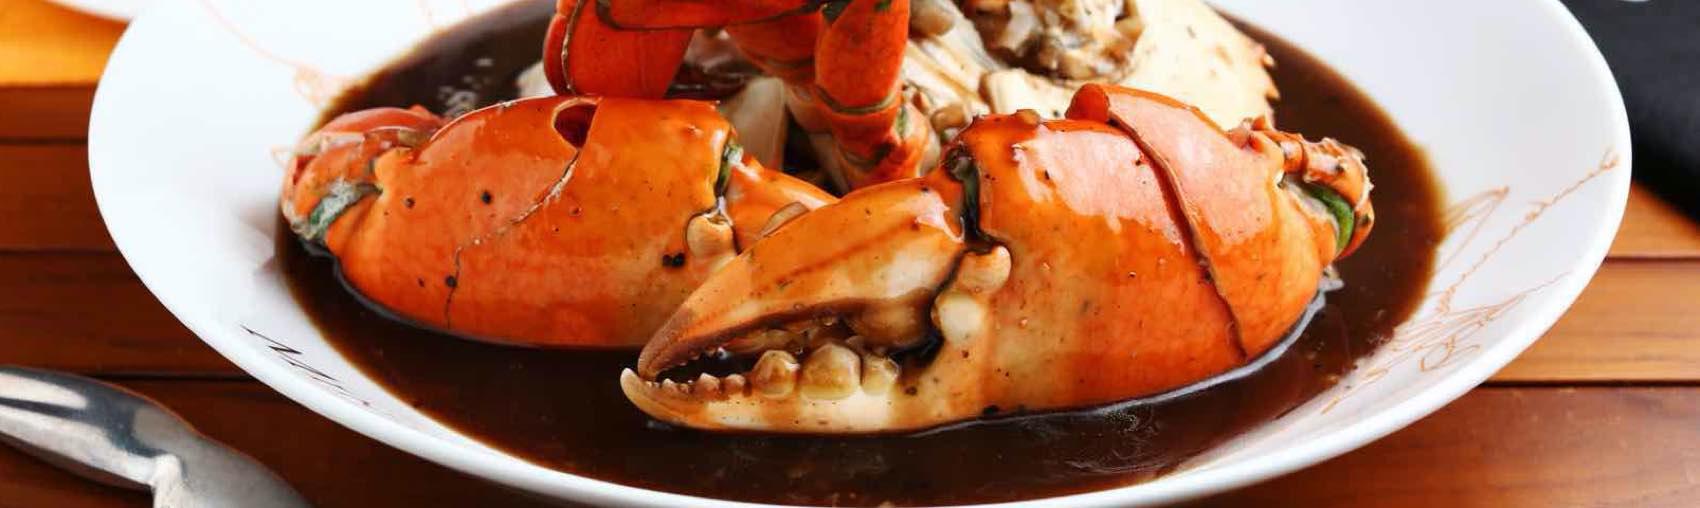 Legg merke til den sorte pepper-sausen som kom med fersk krabbe. En uslåelig kombinasjon